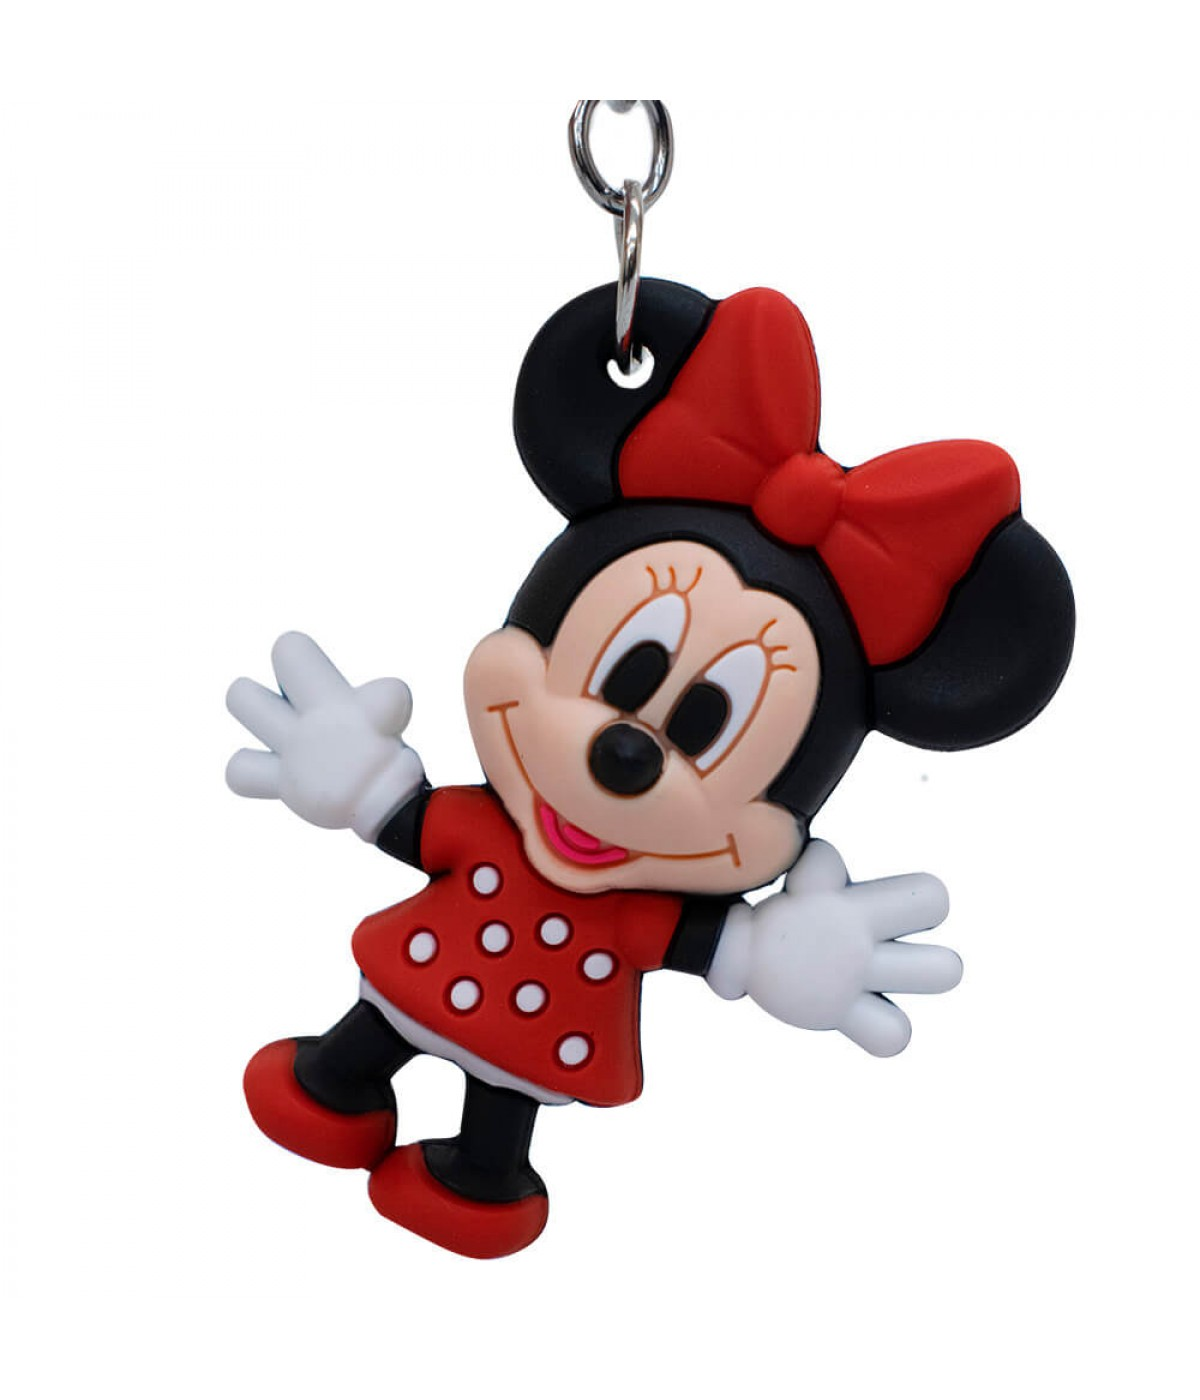 Chaveiro Formato Minnie Mouse 6cm - Disney